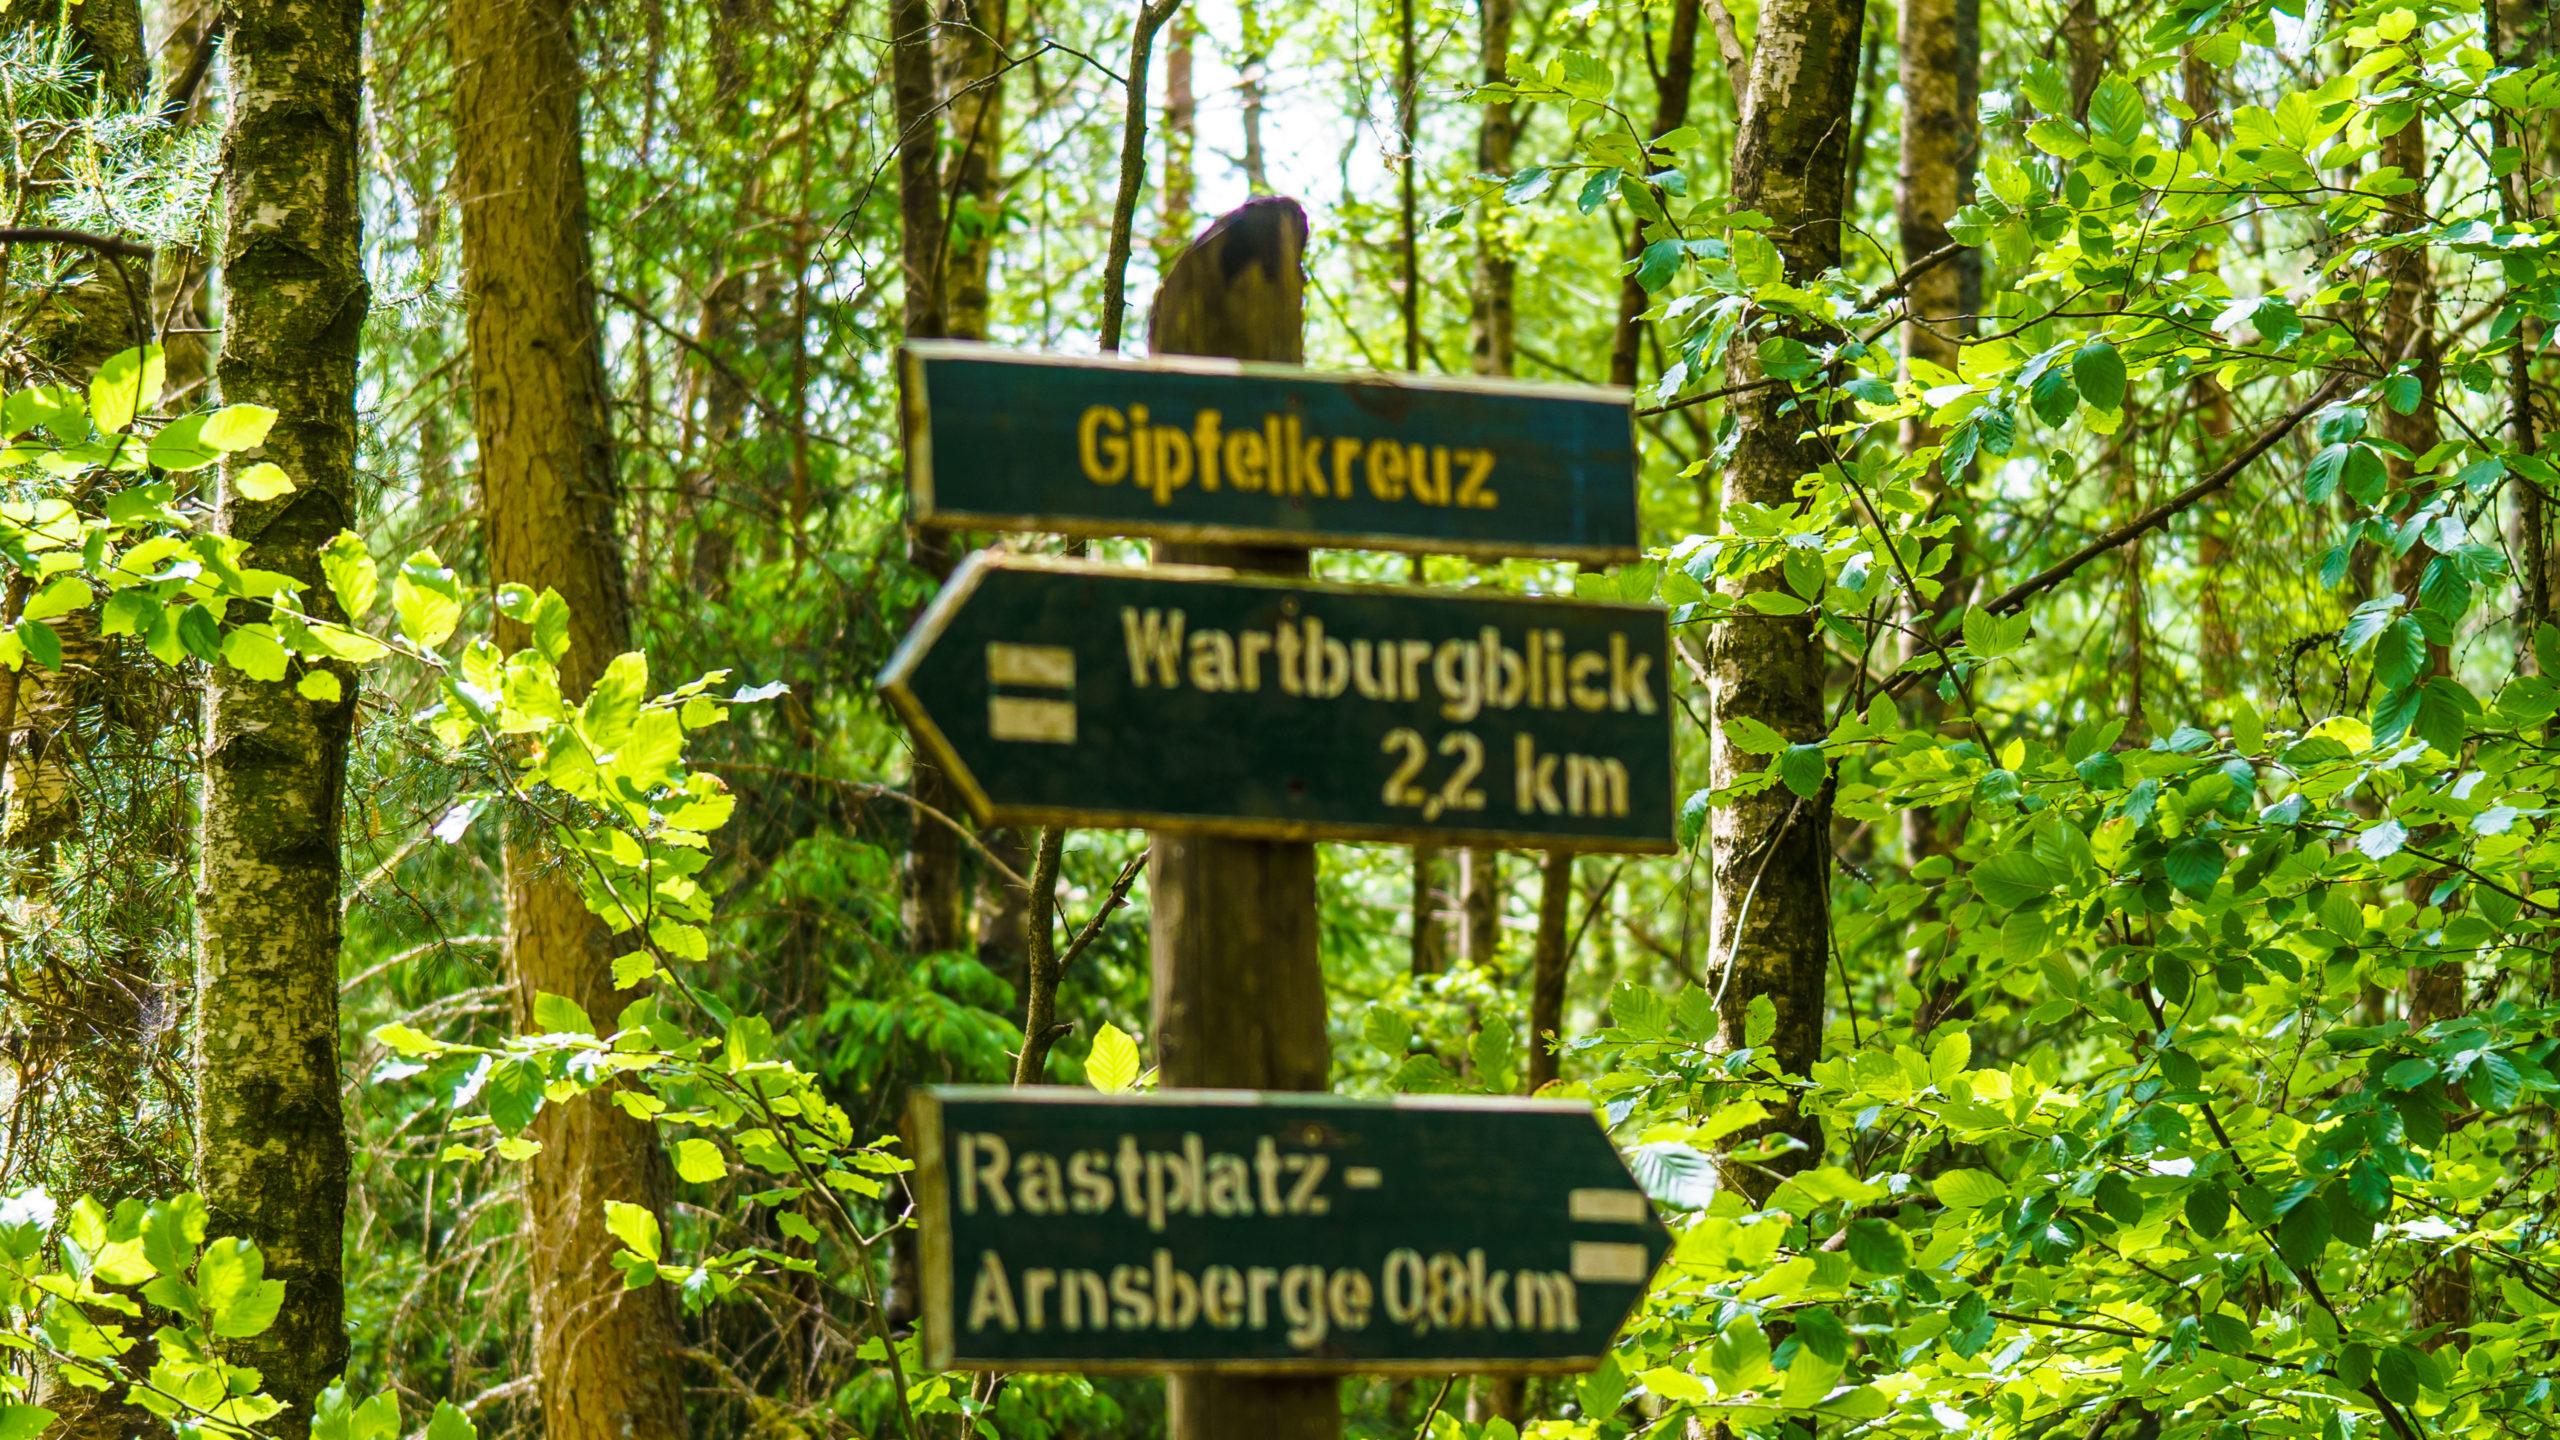 Grenzweg Gerstunger Forst, Gipfelkreuz am gemeinsamen Weg am Arnmsberg